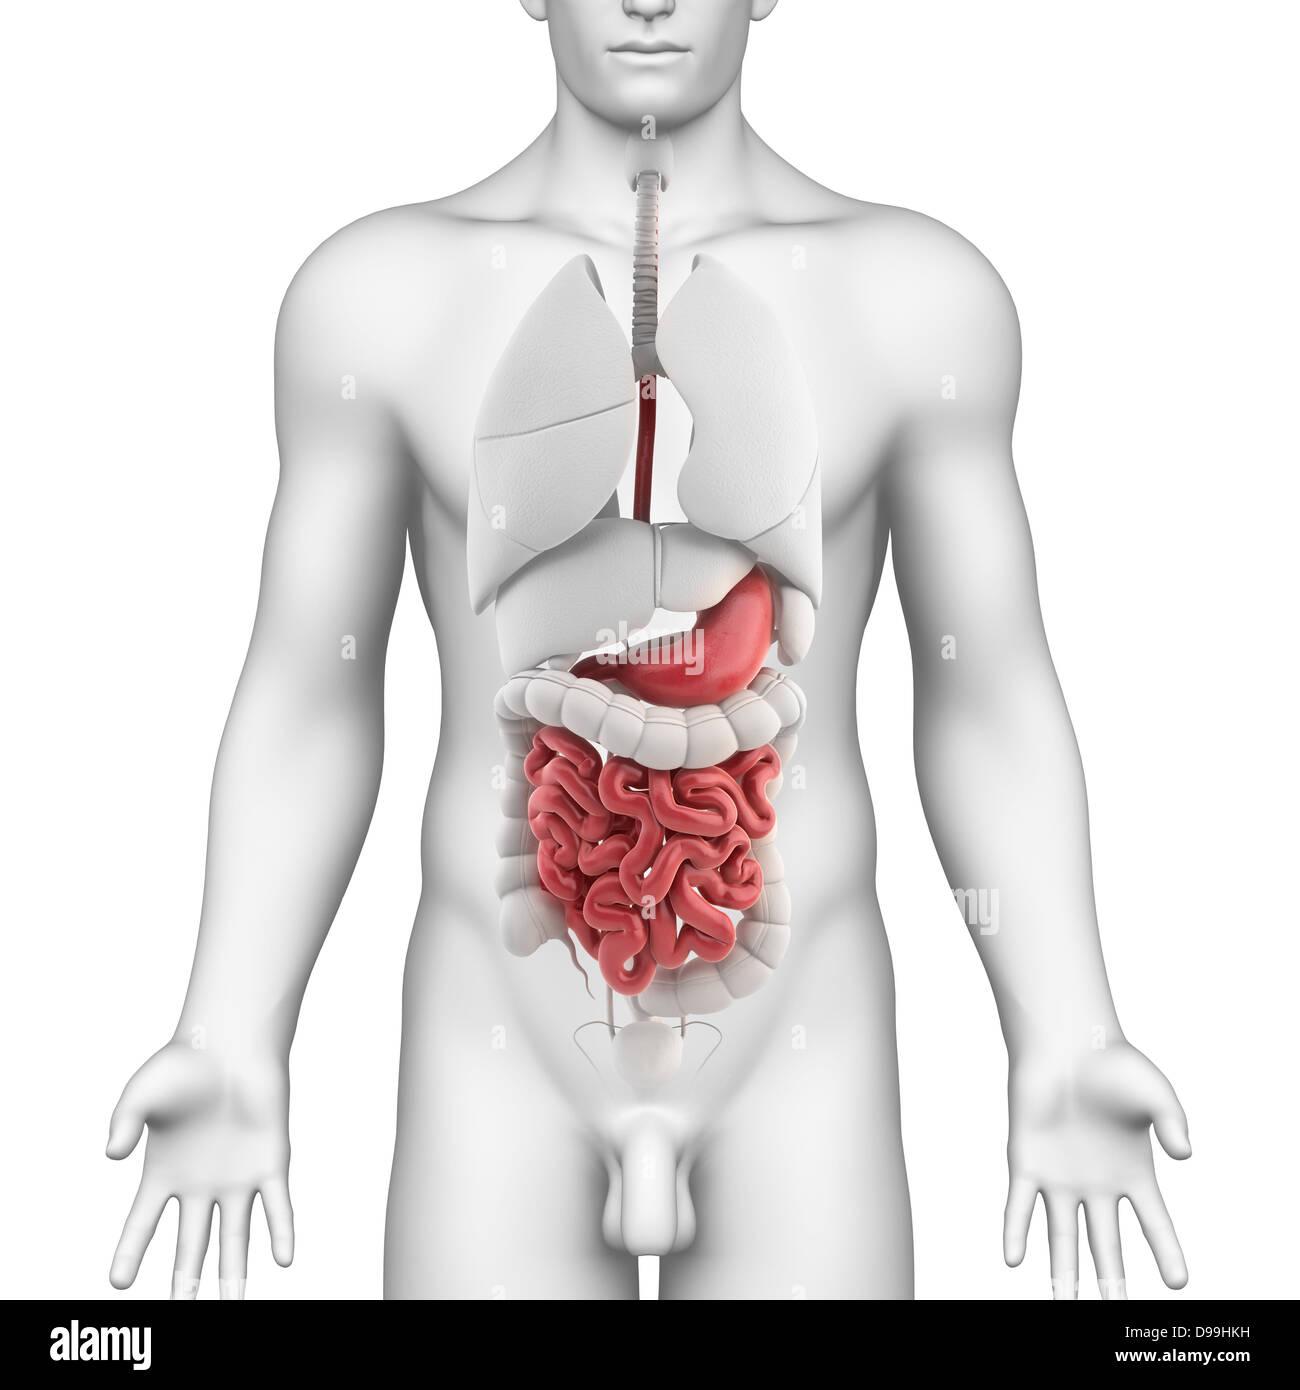 Groß Bauch Anatomie Quadranten Bilder - Anatomie Ideen - finotti.info